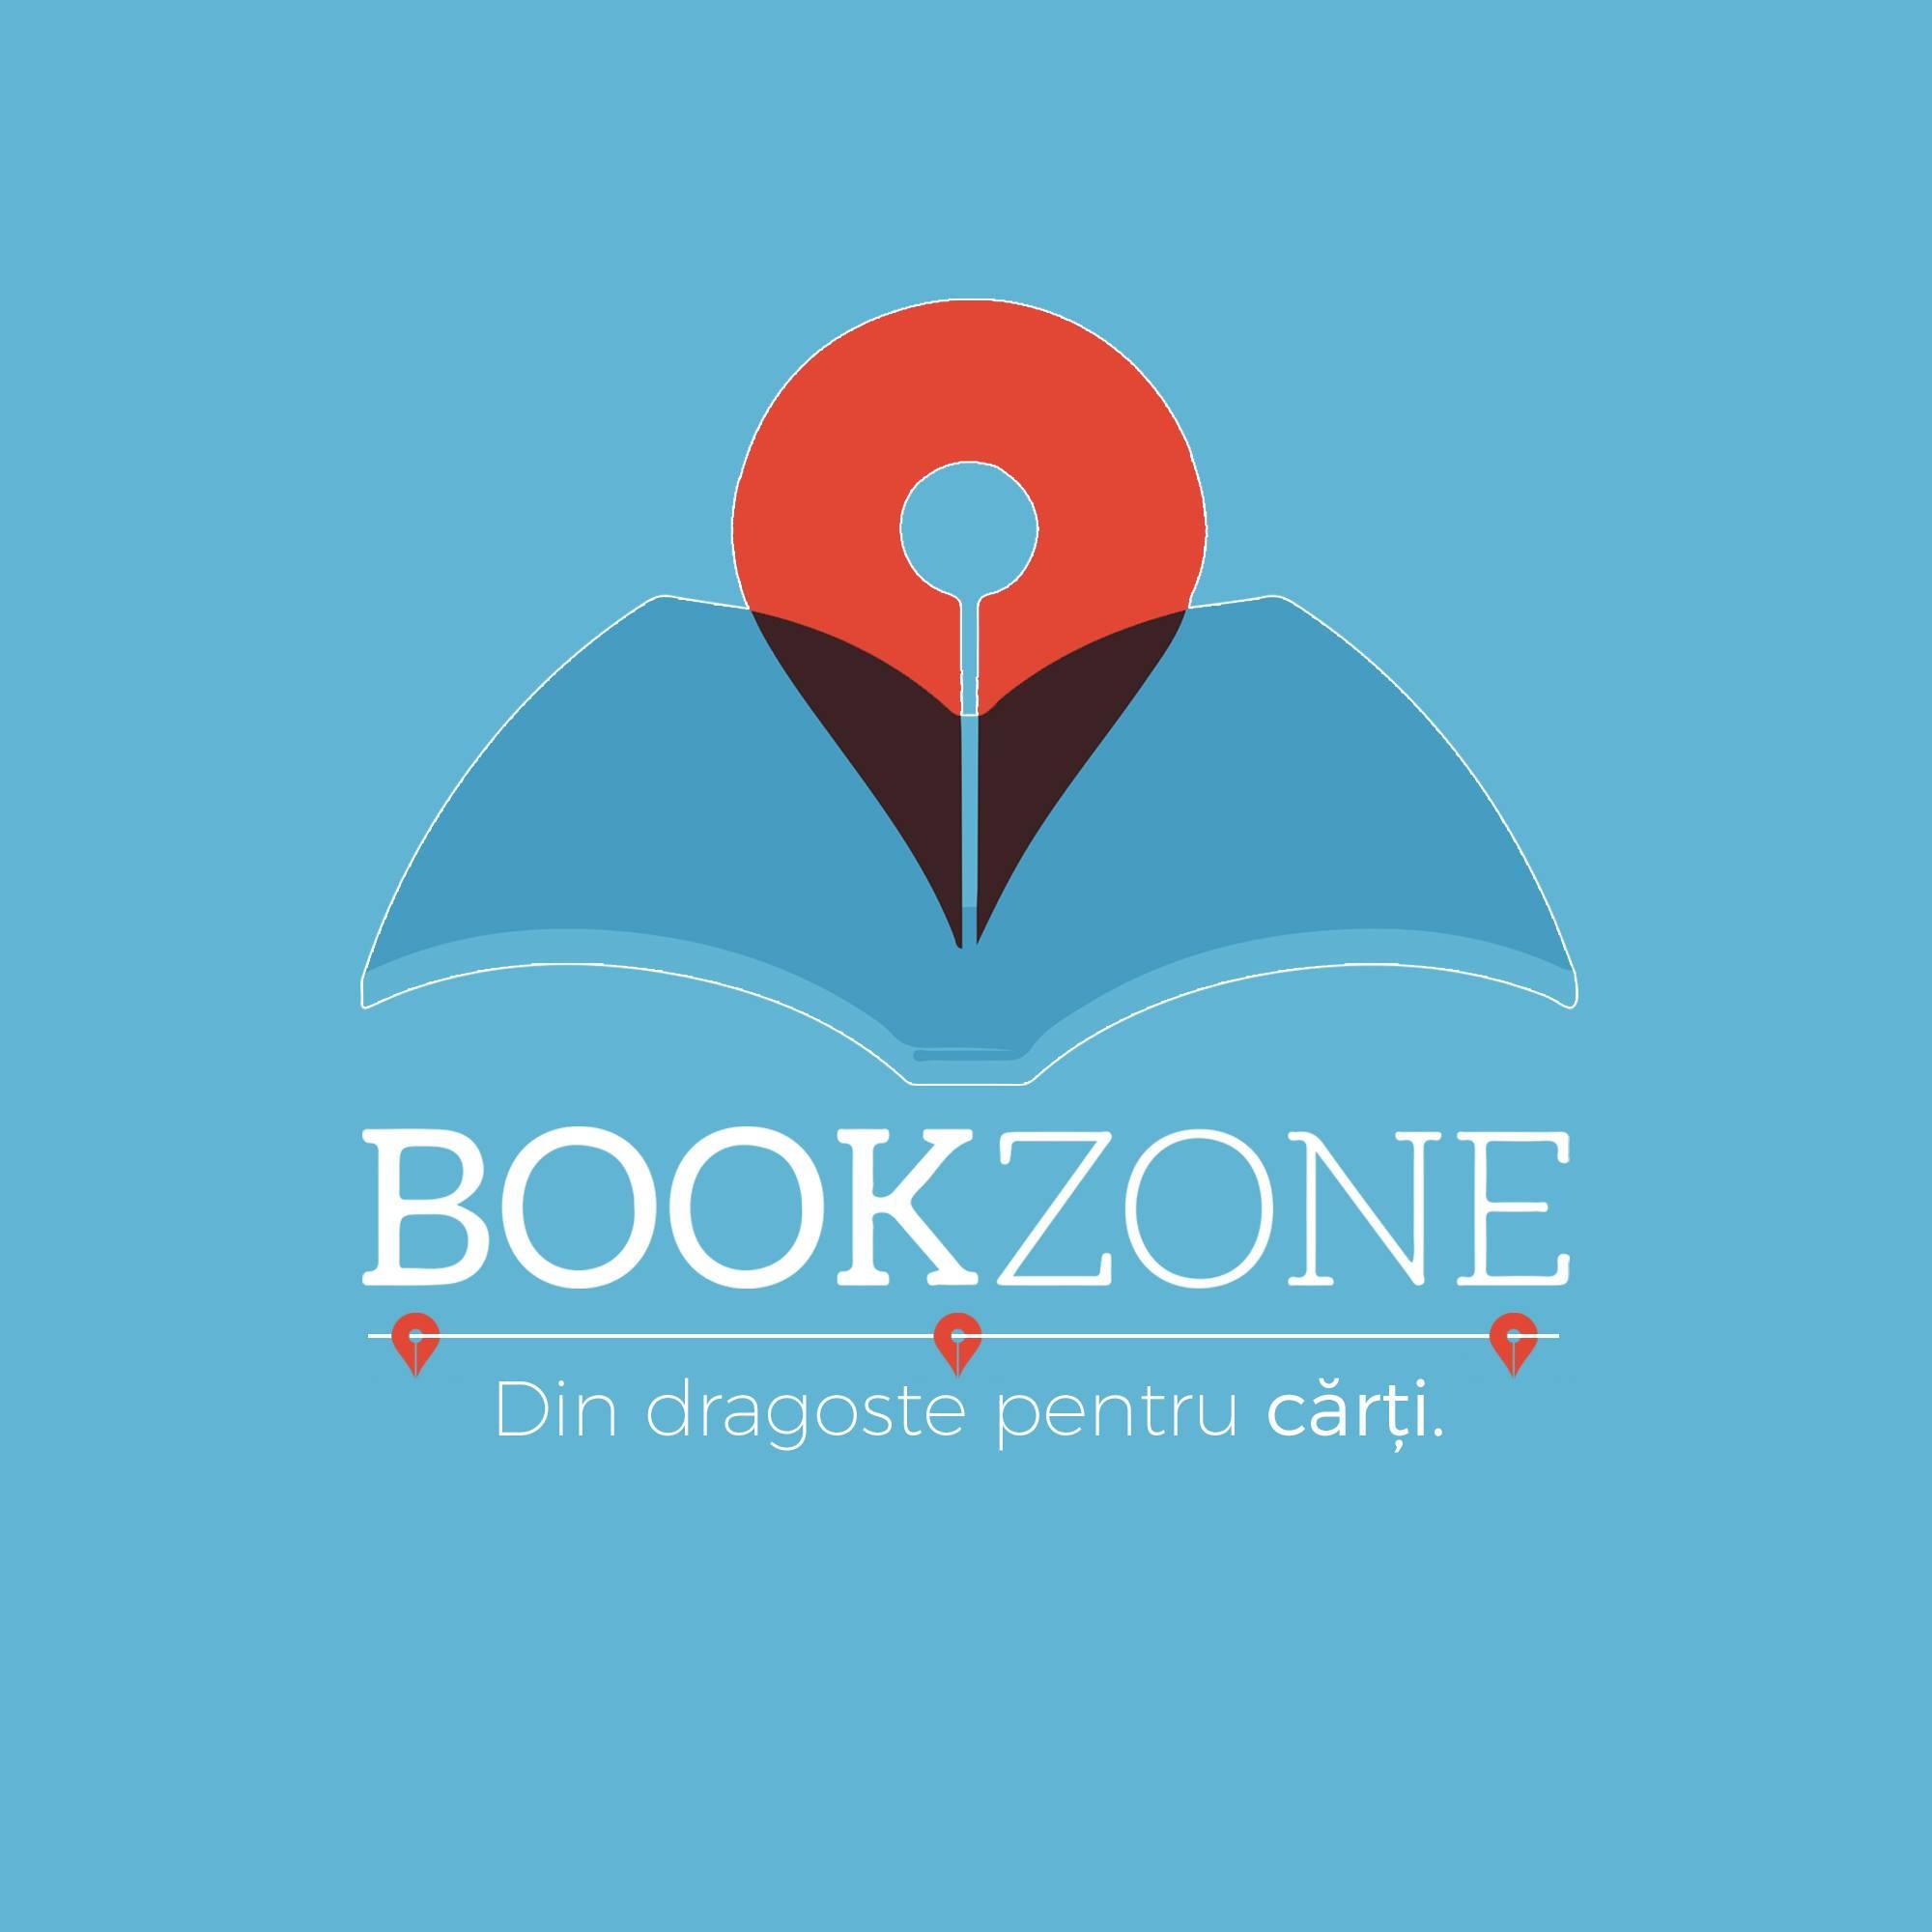 Bestseller Publishing